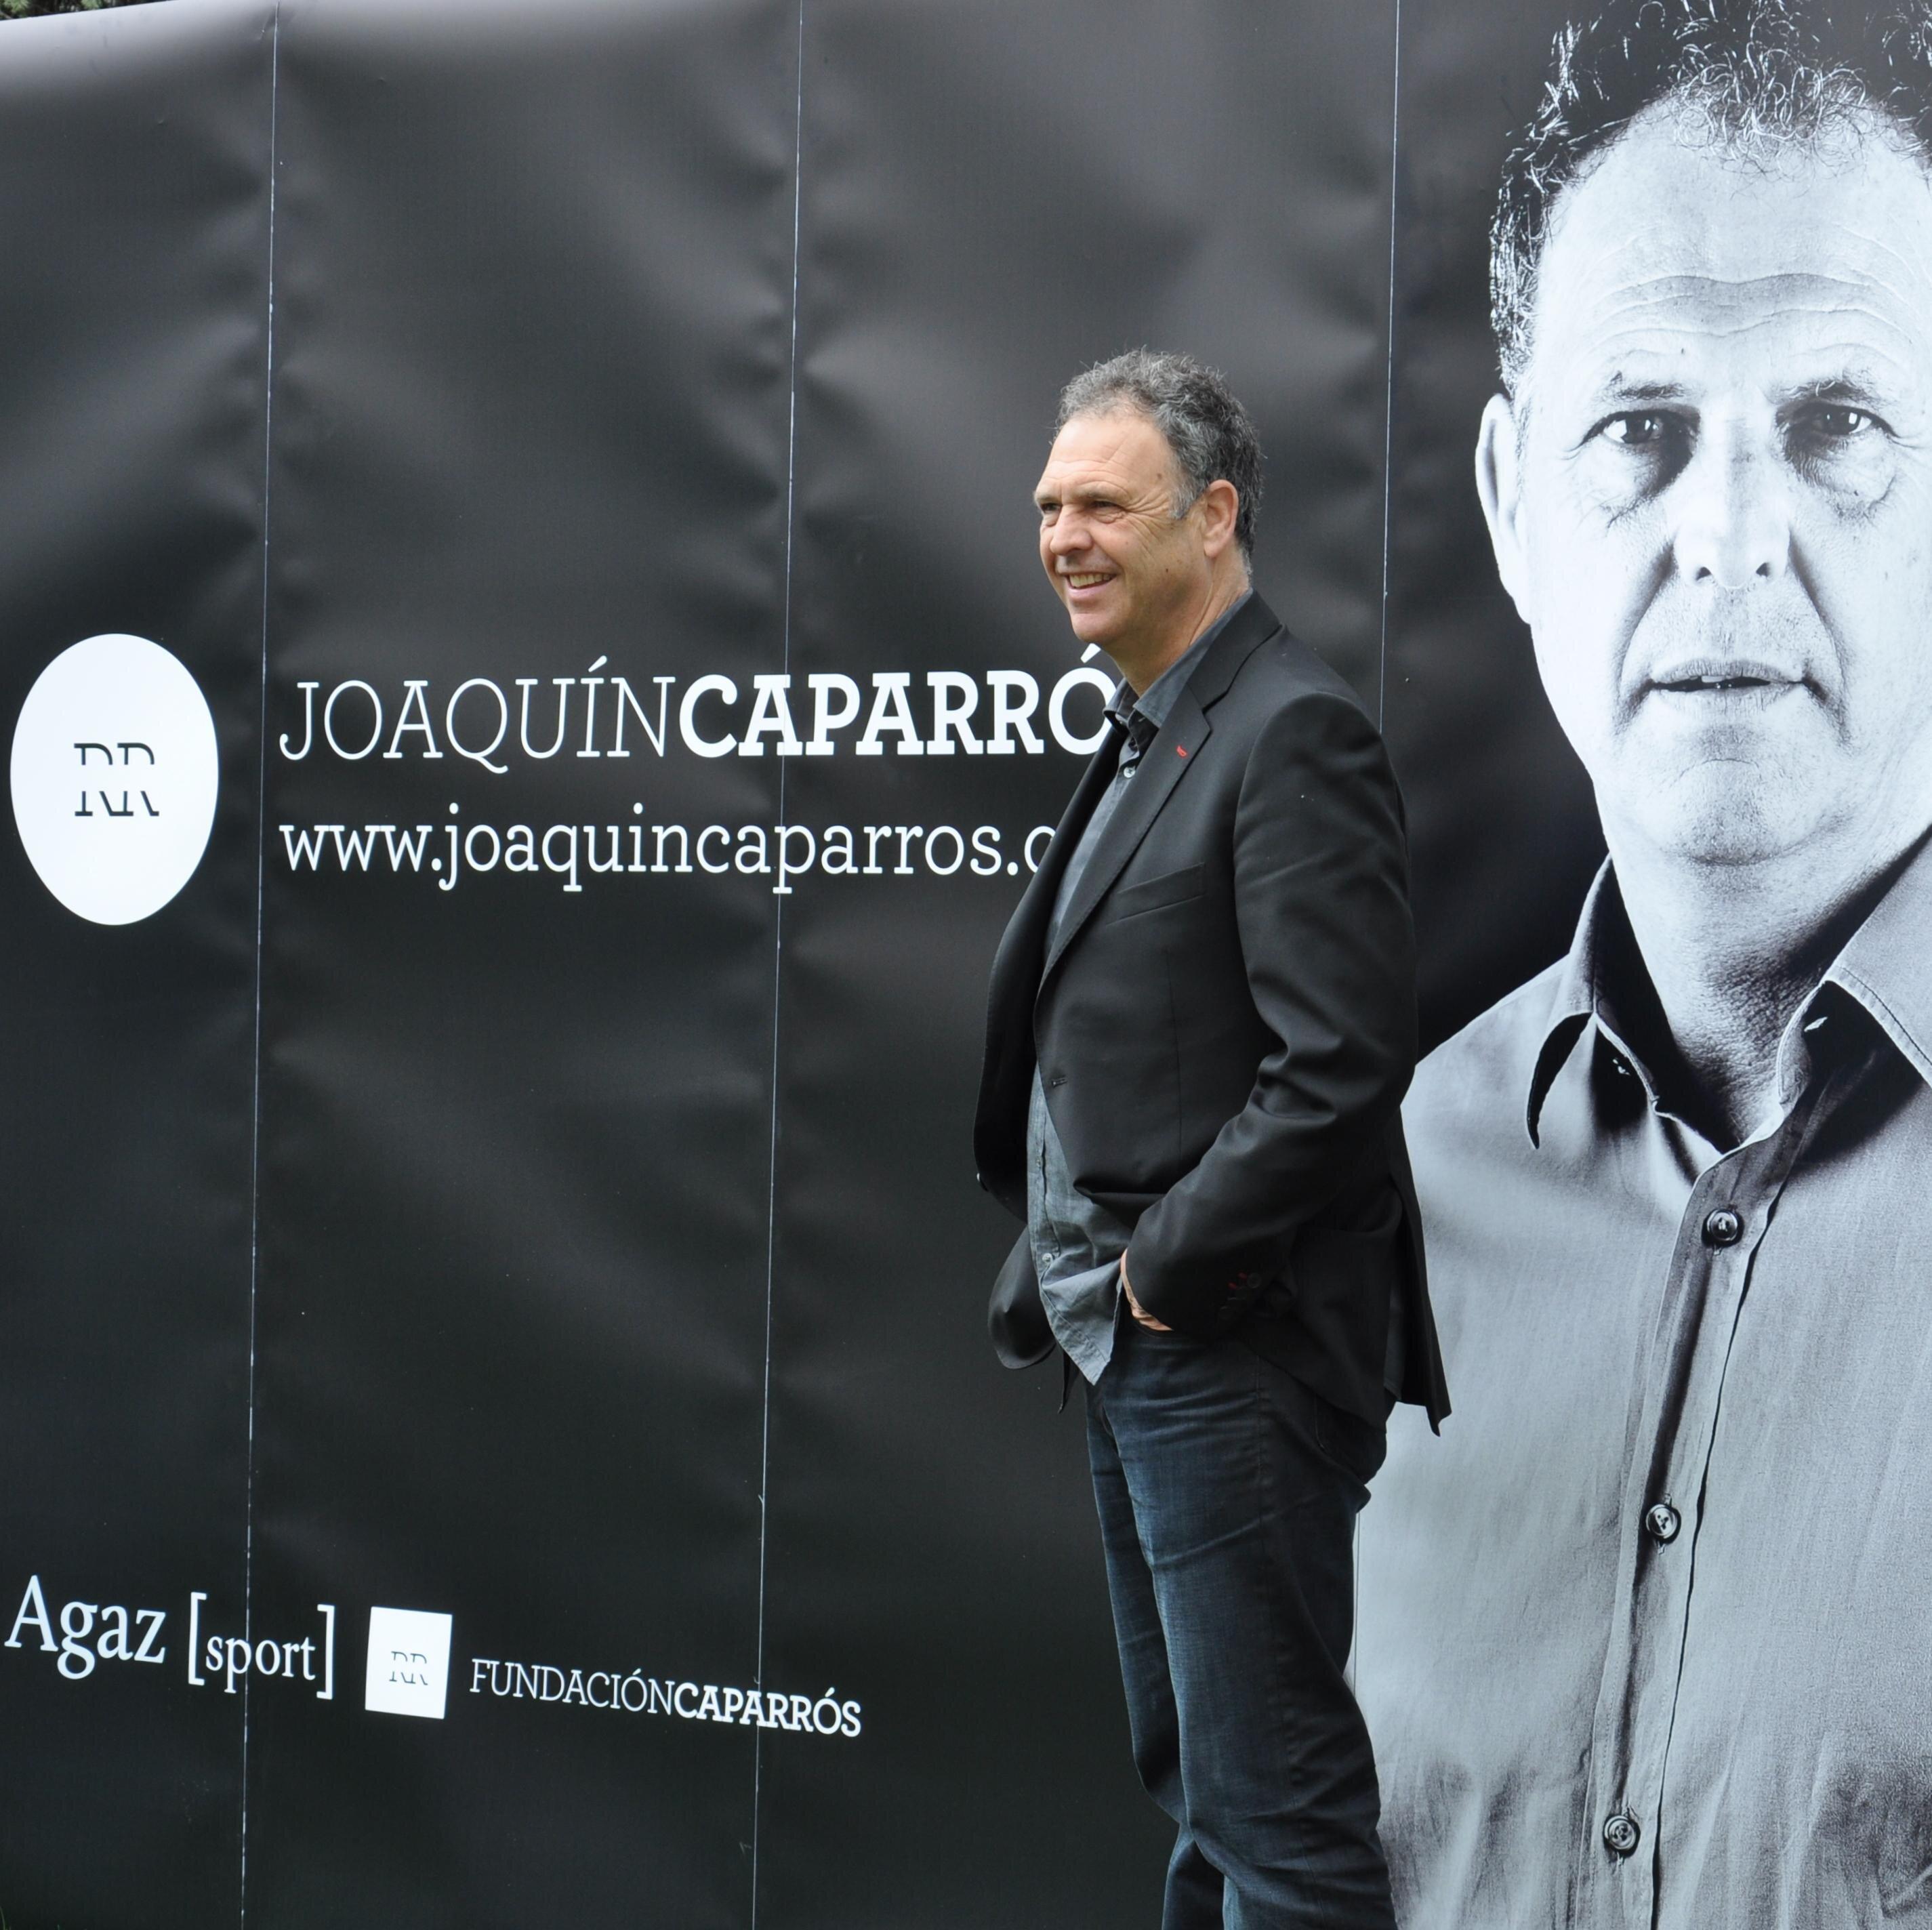 @JoaquinCaparros